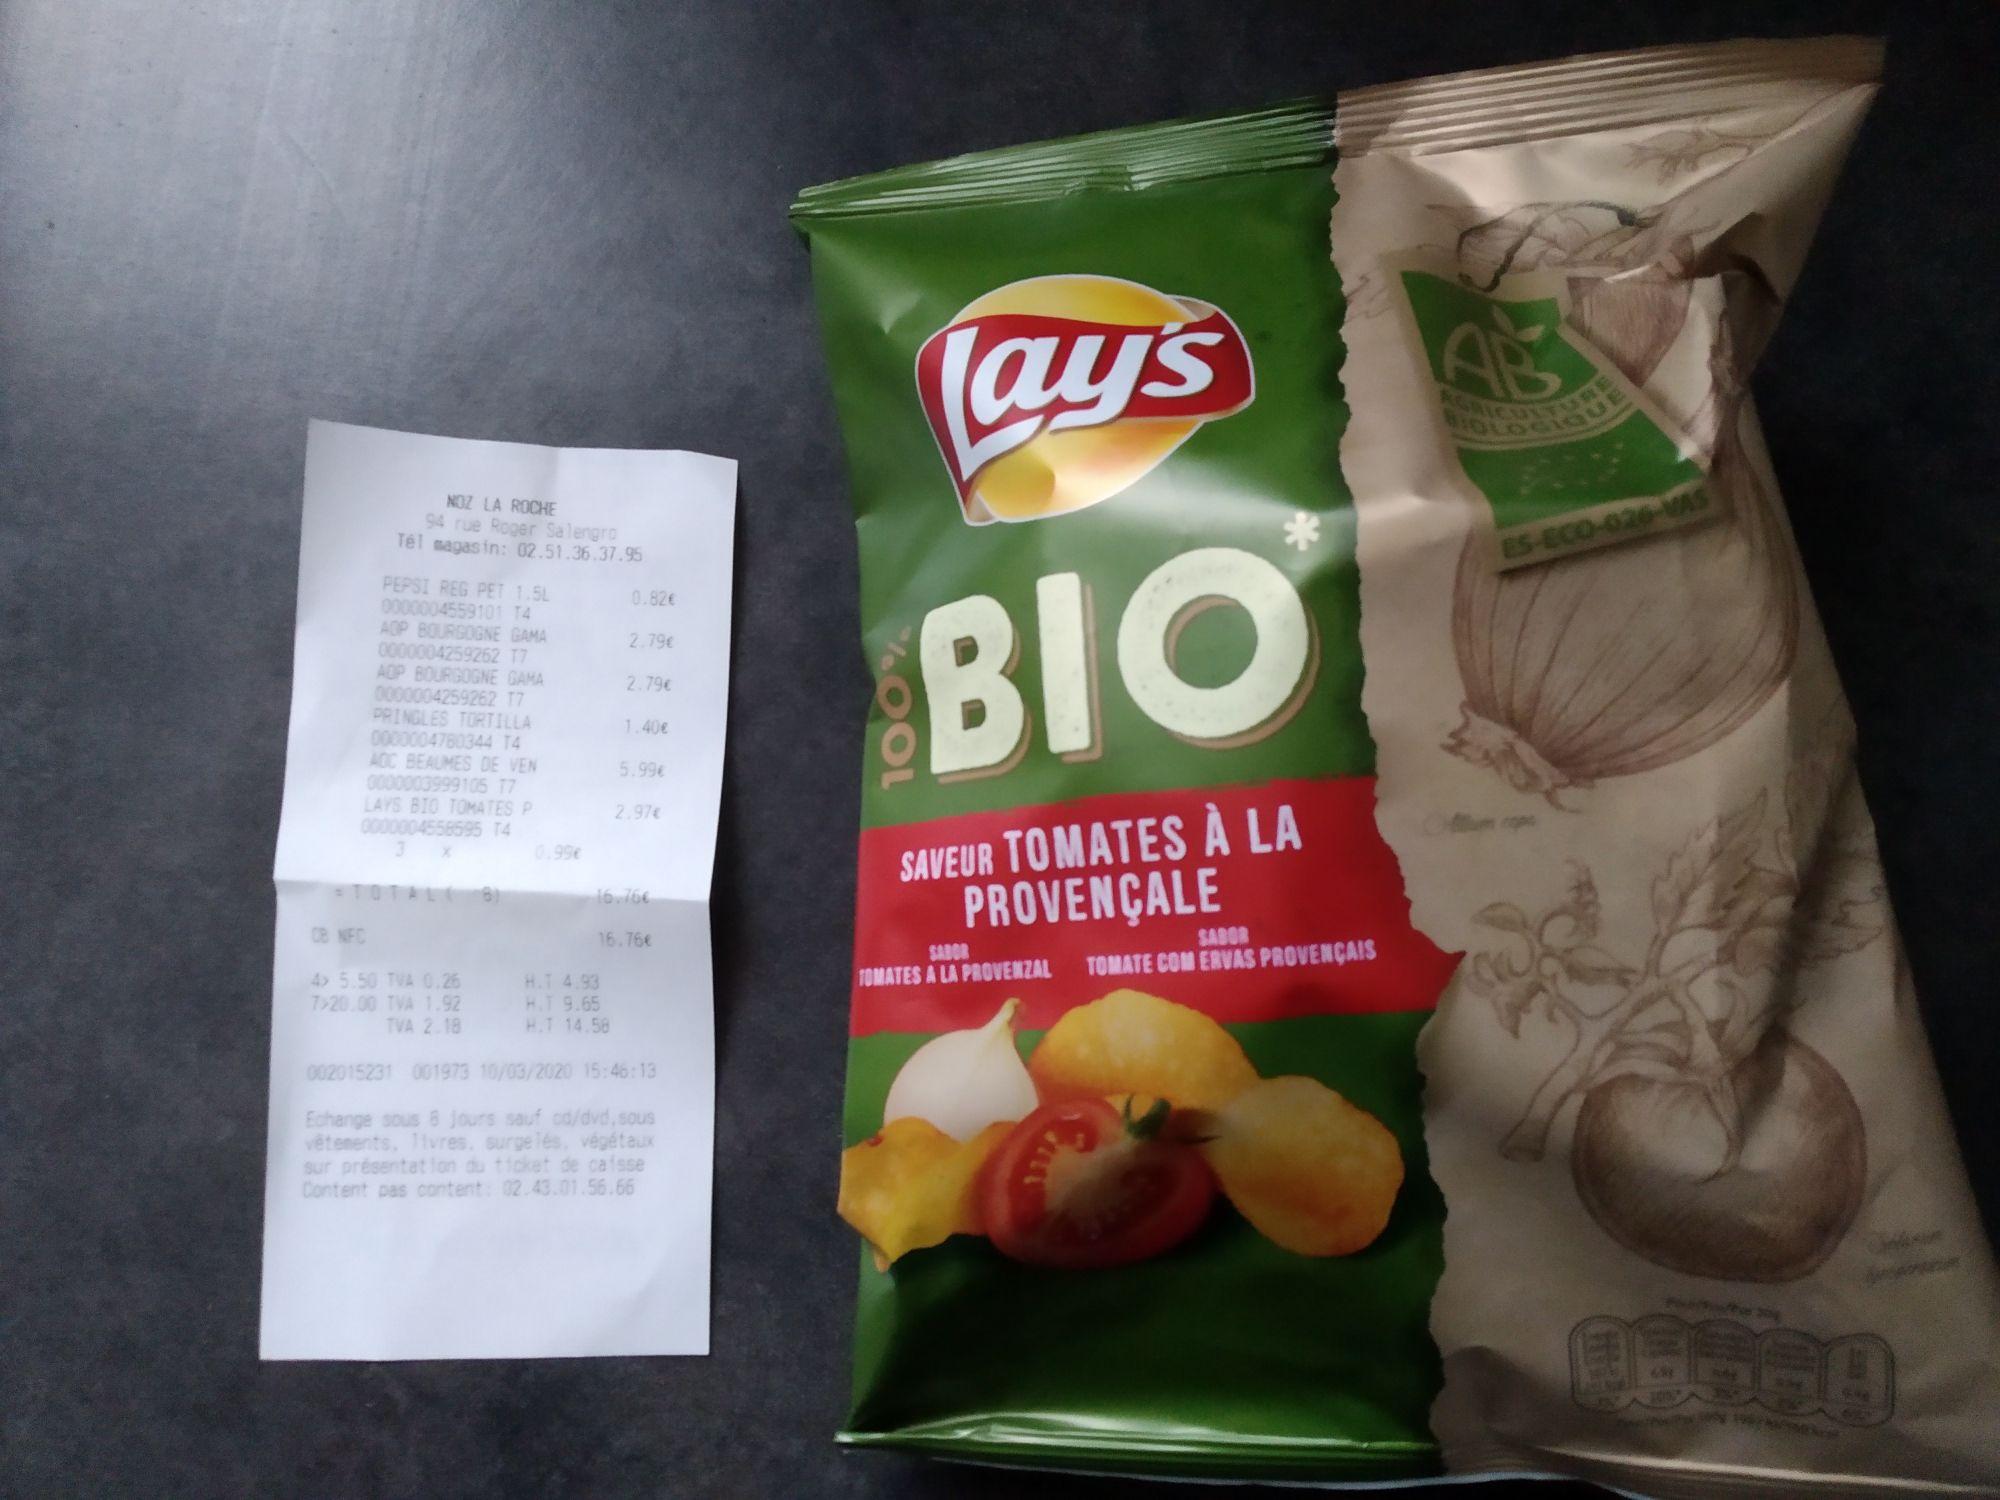 Paquet de chips Lay's Bio Saveur Tomates à la Provençale - 100 g (via Shopmium) - La Roche-sur-Yon (85)